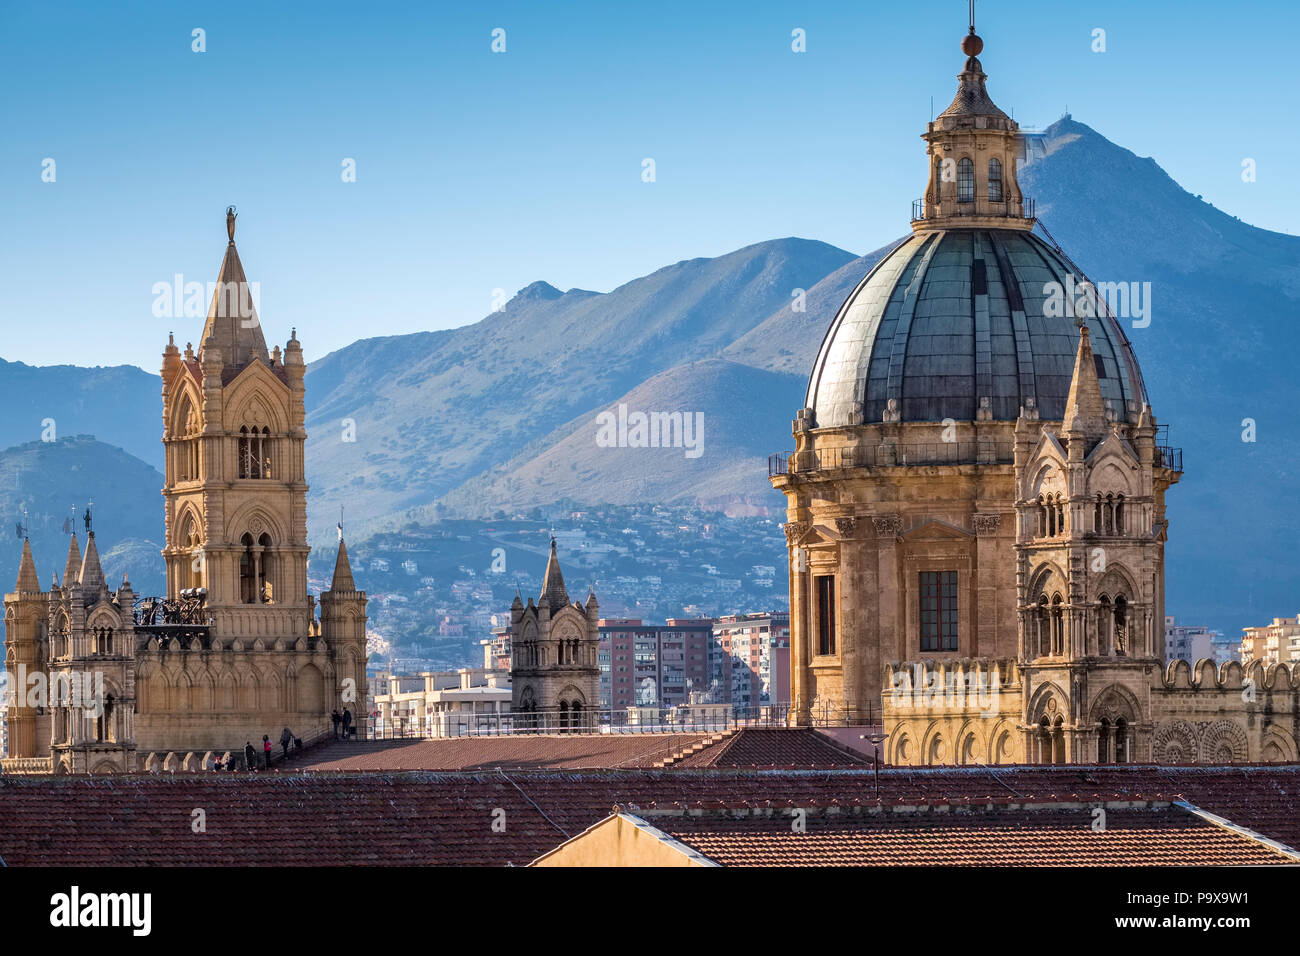 Sicile, Italie - Skyline de Palerme, Sicile, Europe, montrant le dôme de la cathédrale de Palerme et de l'architecture Photo Stock